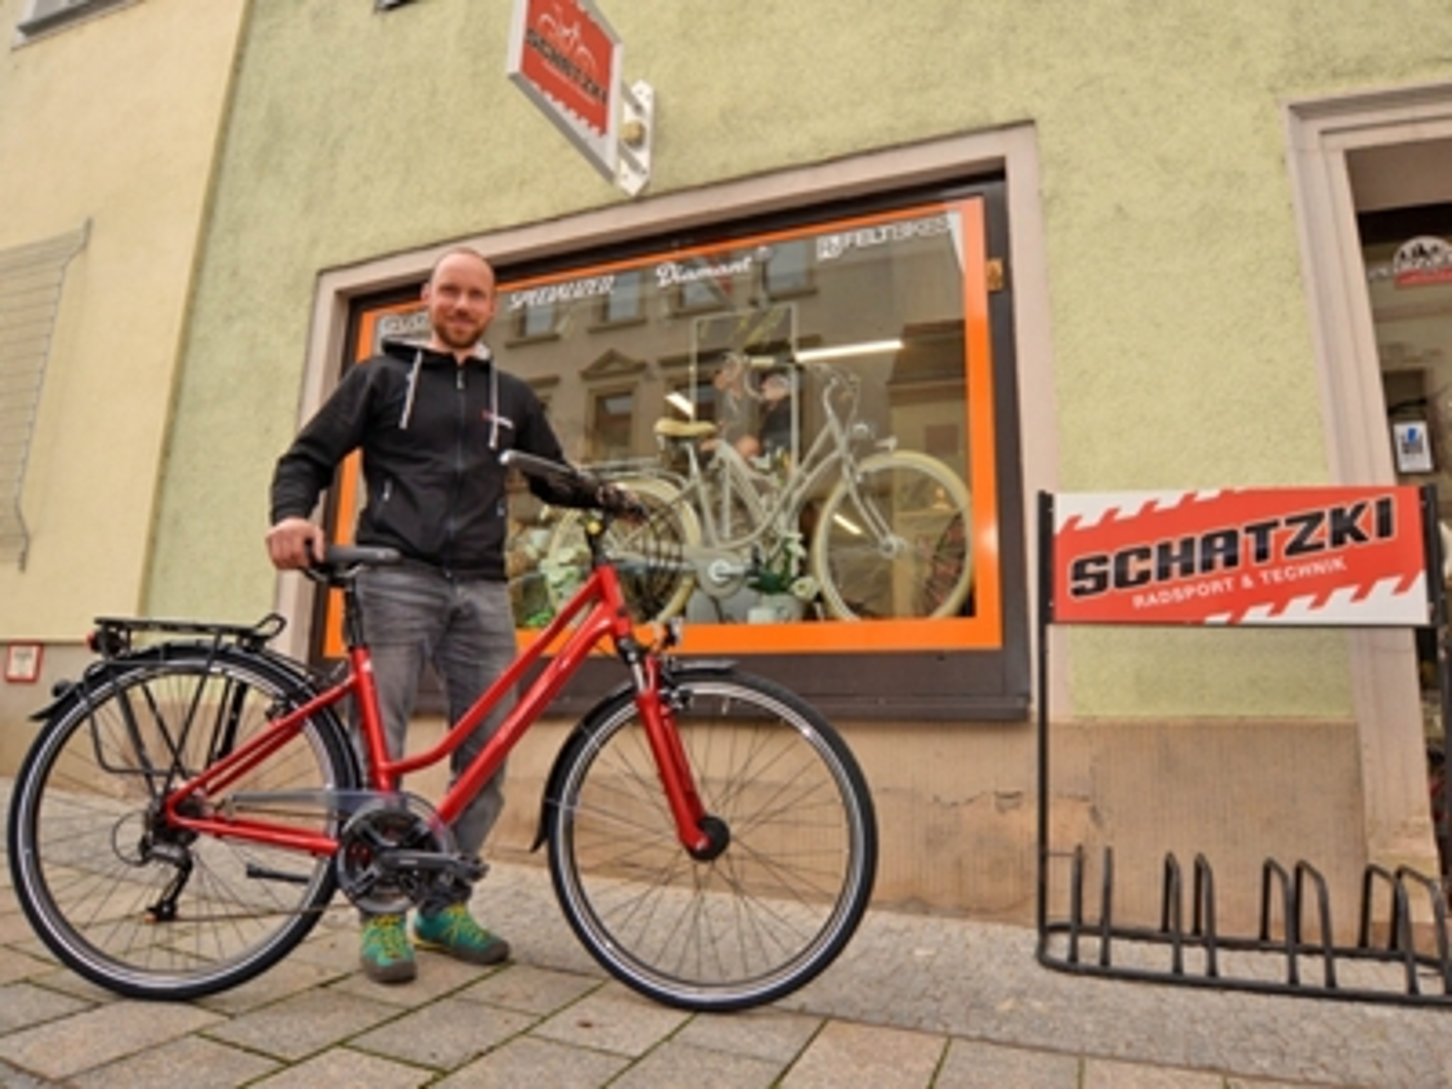 SCHATZKI - Radsport und Technik